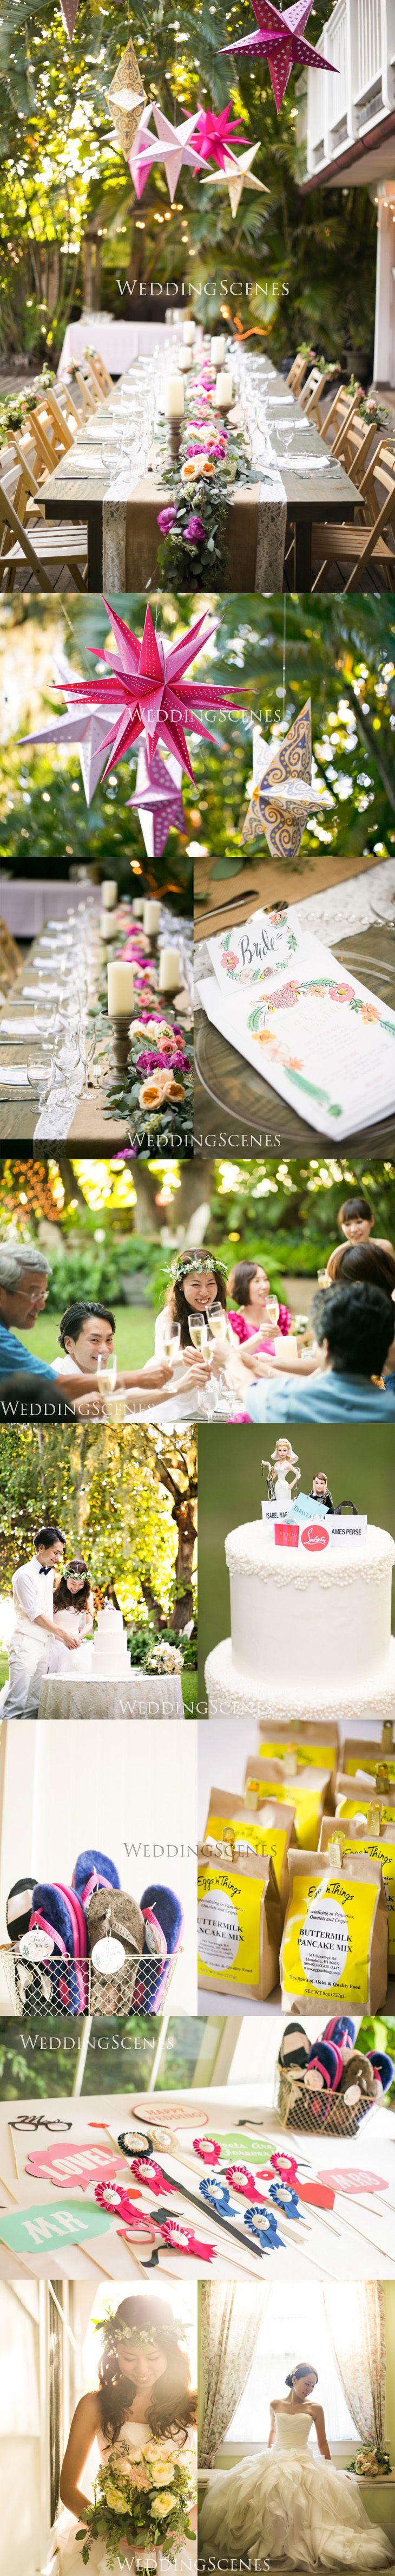 新社会人の皆さん おめでとうございます の画像|ハワイウェディングブログ・プランナー小林直子の欧米スタイル結婚式